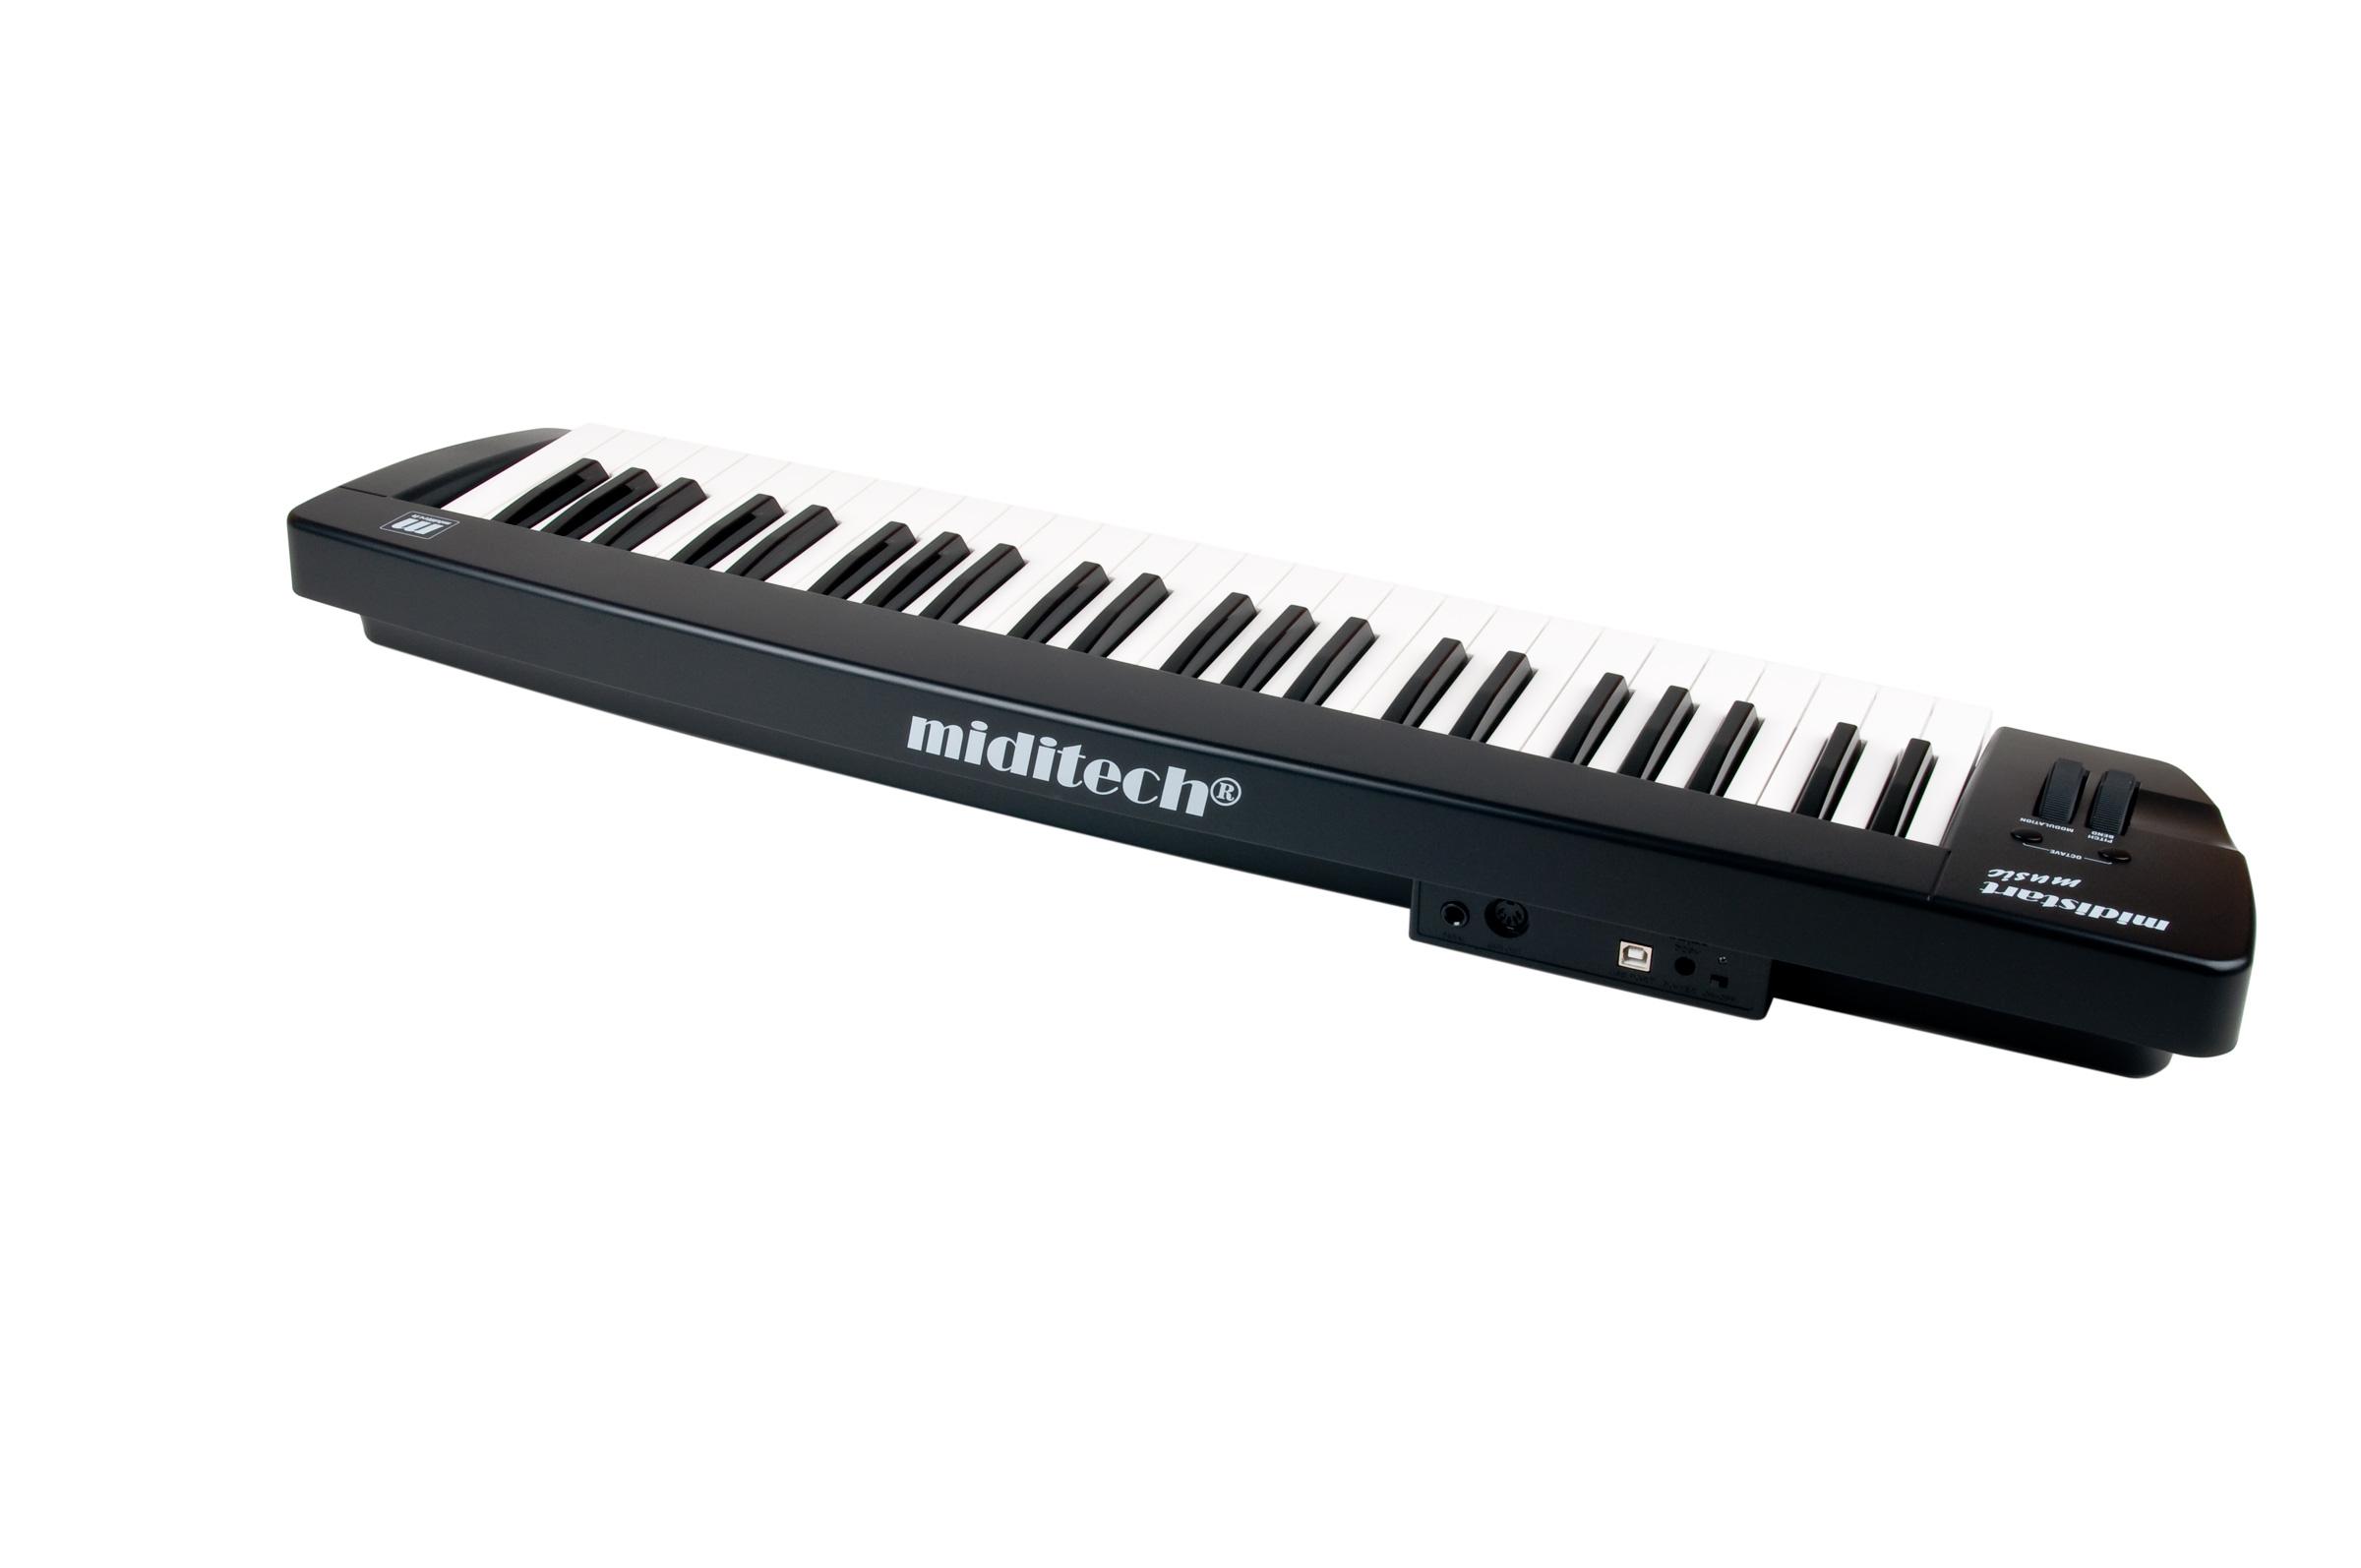 Midistart music 49 miditech.